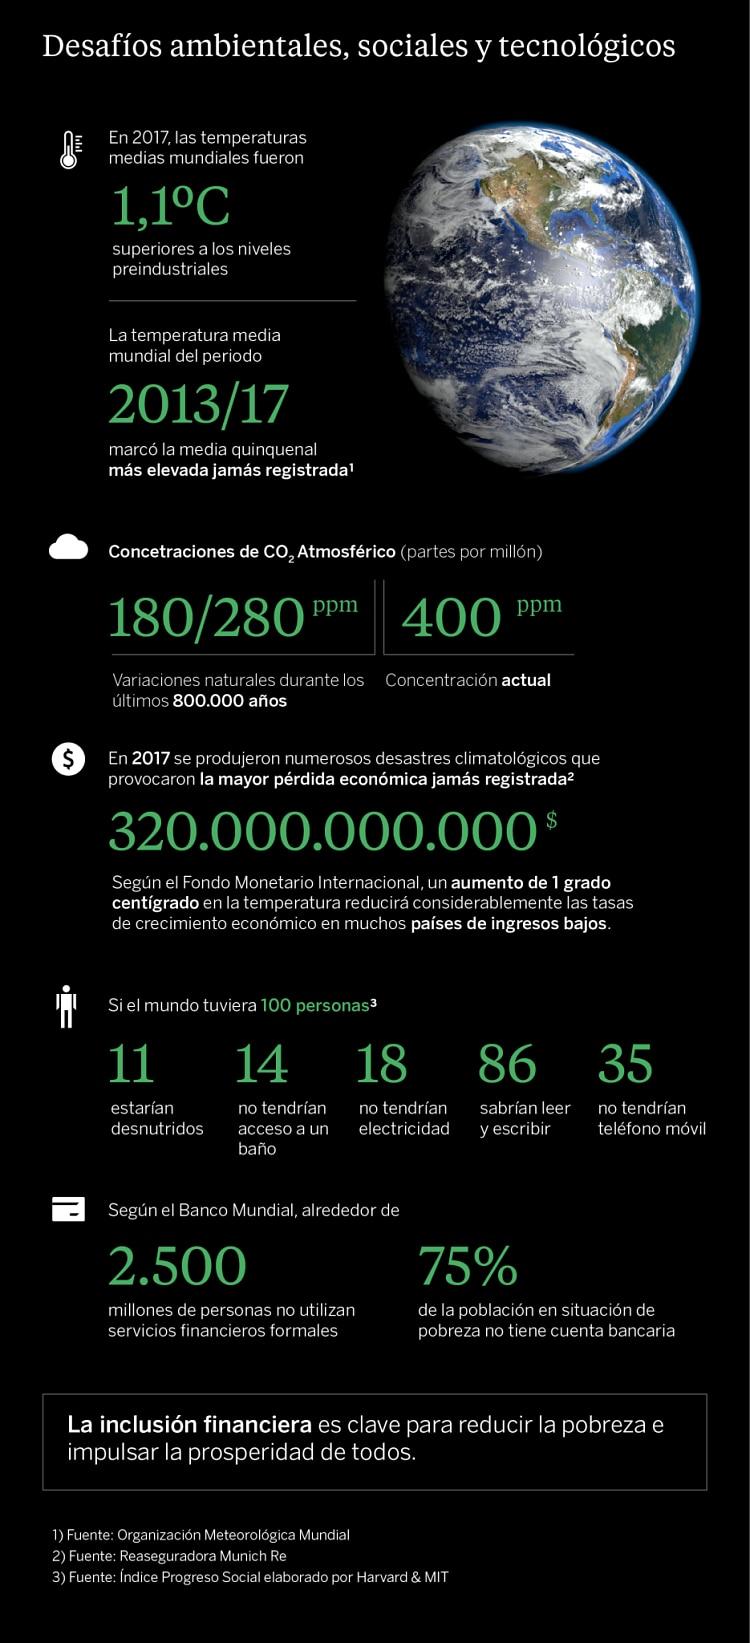 infografía desafíos medio ambiente social tecnología recurso bbva